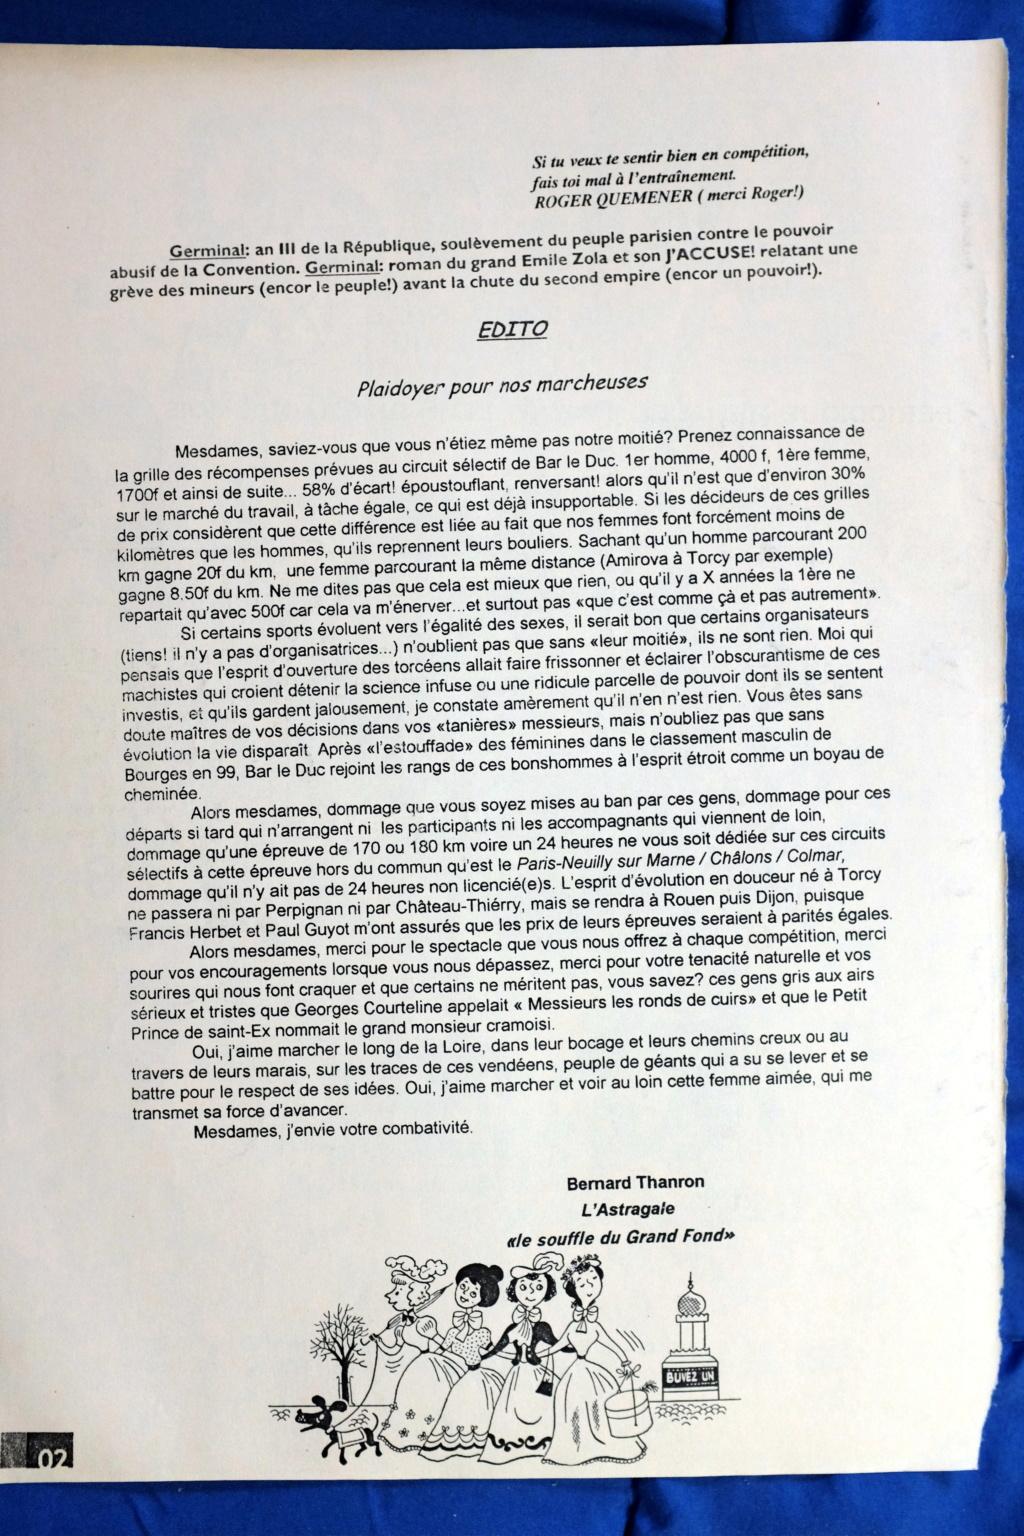 Le KM520 et ses éditos 1998-2009 - Page 2 Dscf0457